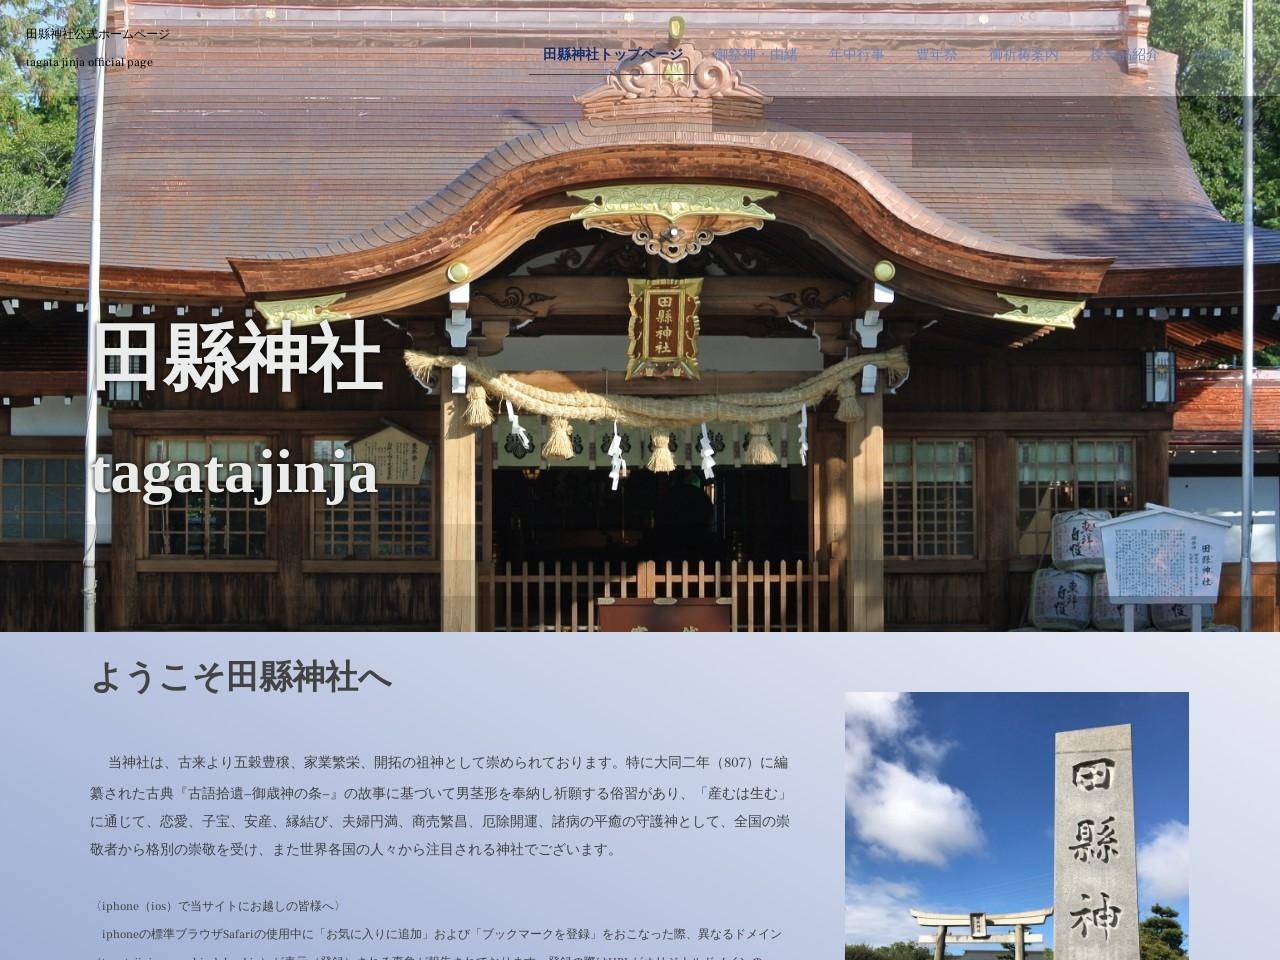 http://www.tagatajinja.com/pg19.html